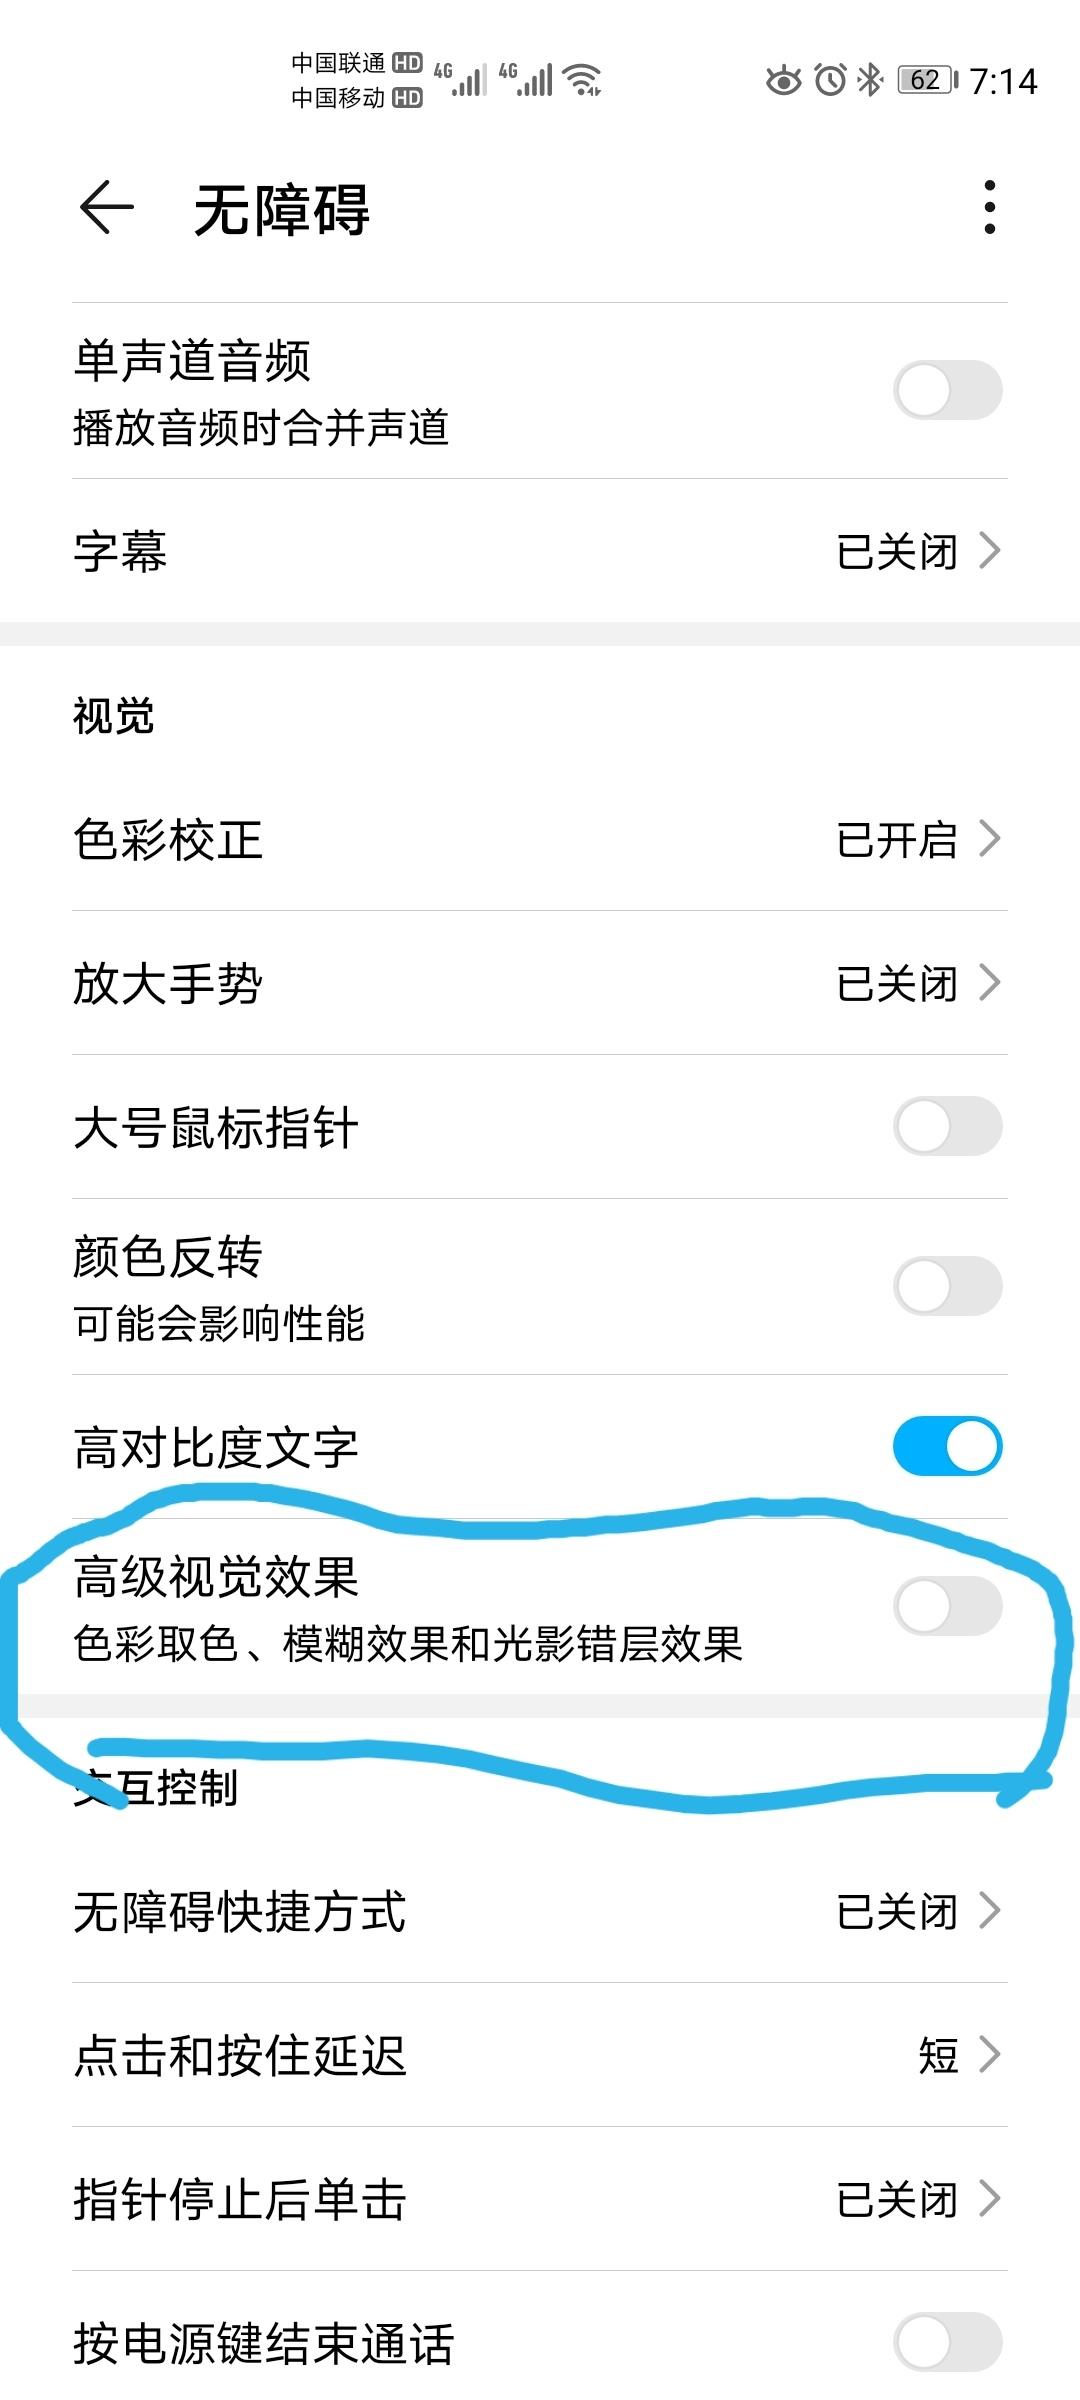 Screenshot_20200515_071447.jpg